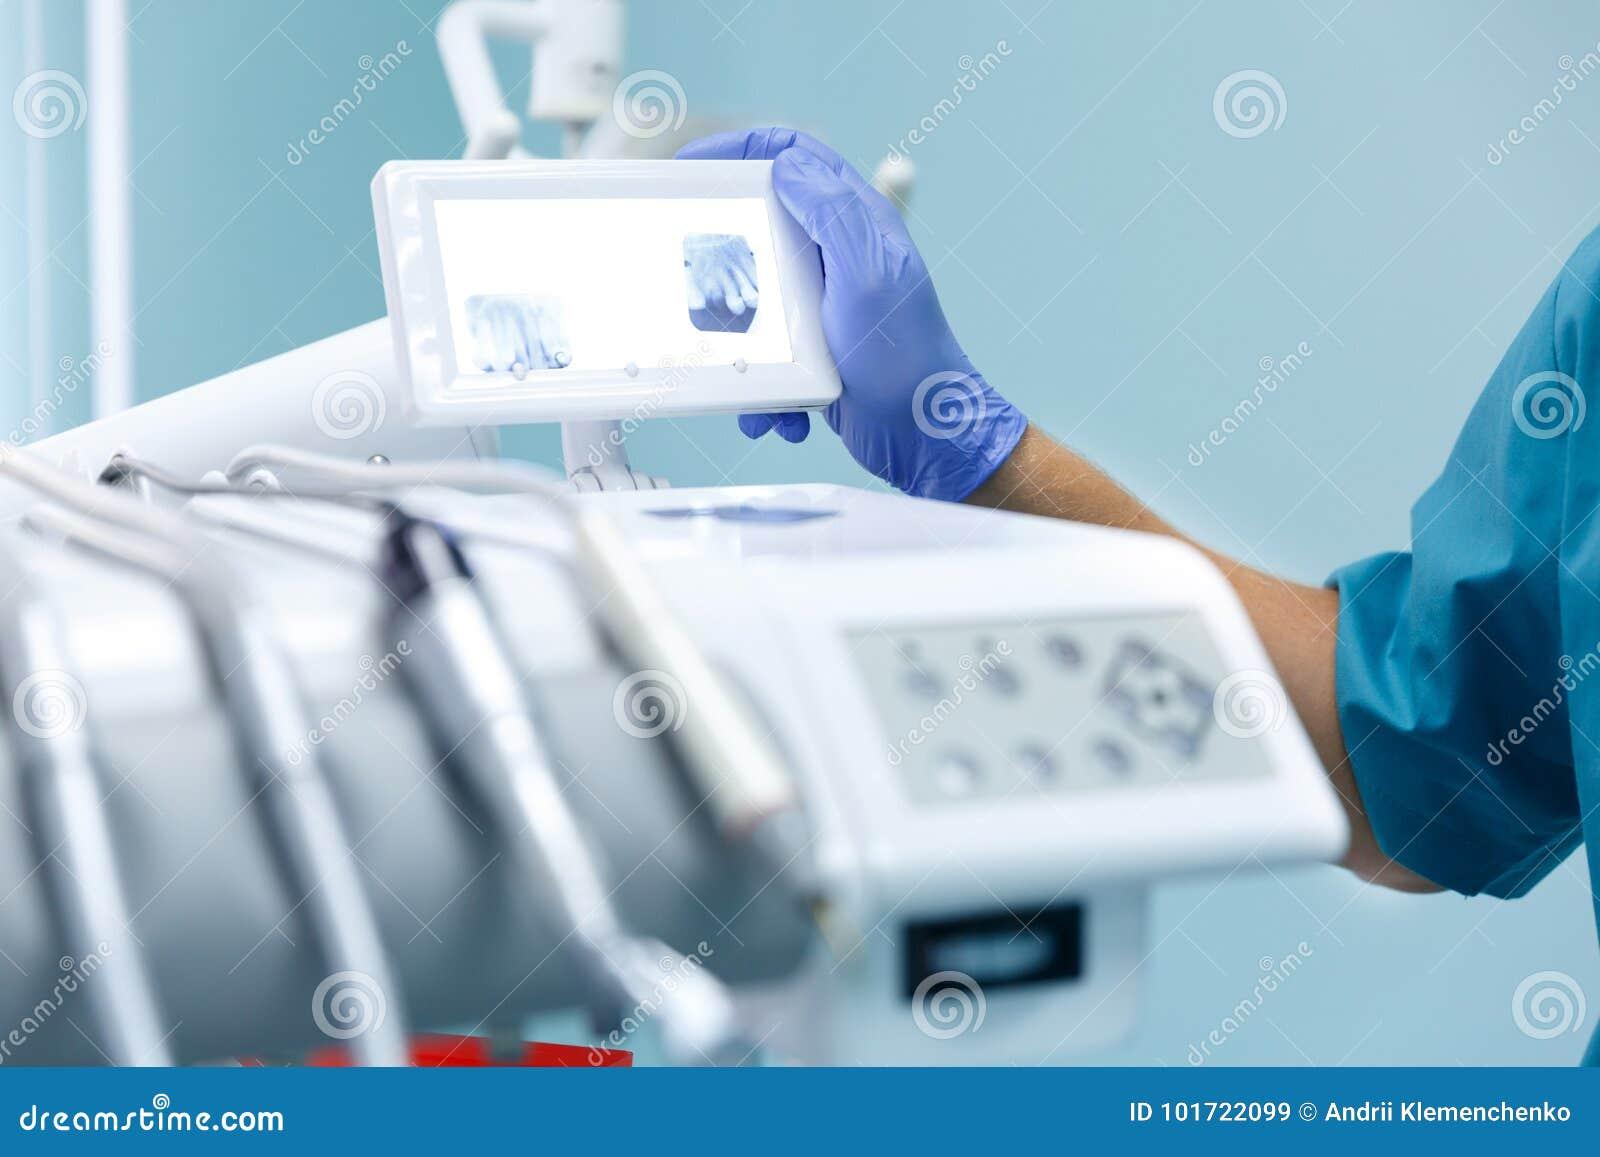 Matériel médical professionnel dans le bureau dentaire Concept de traitement